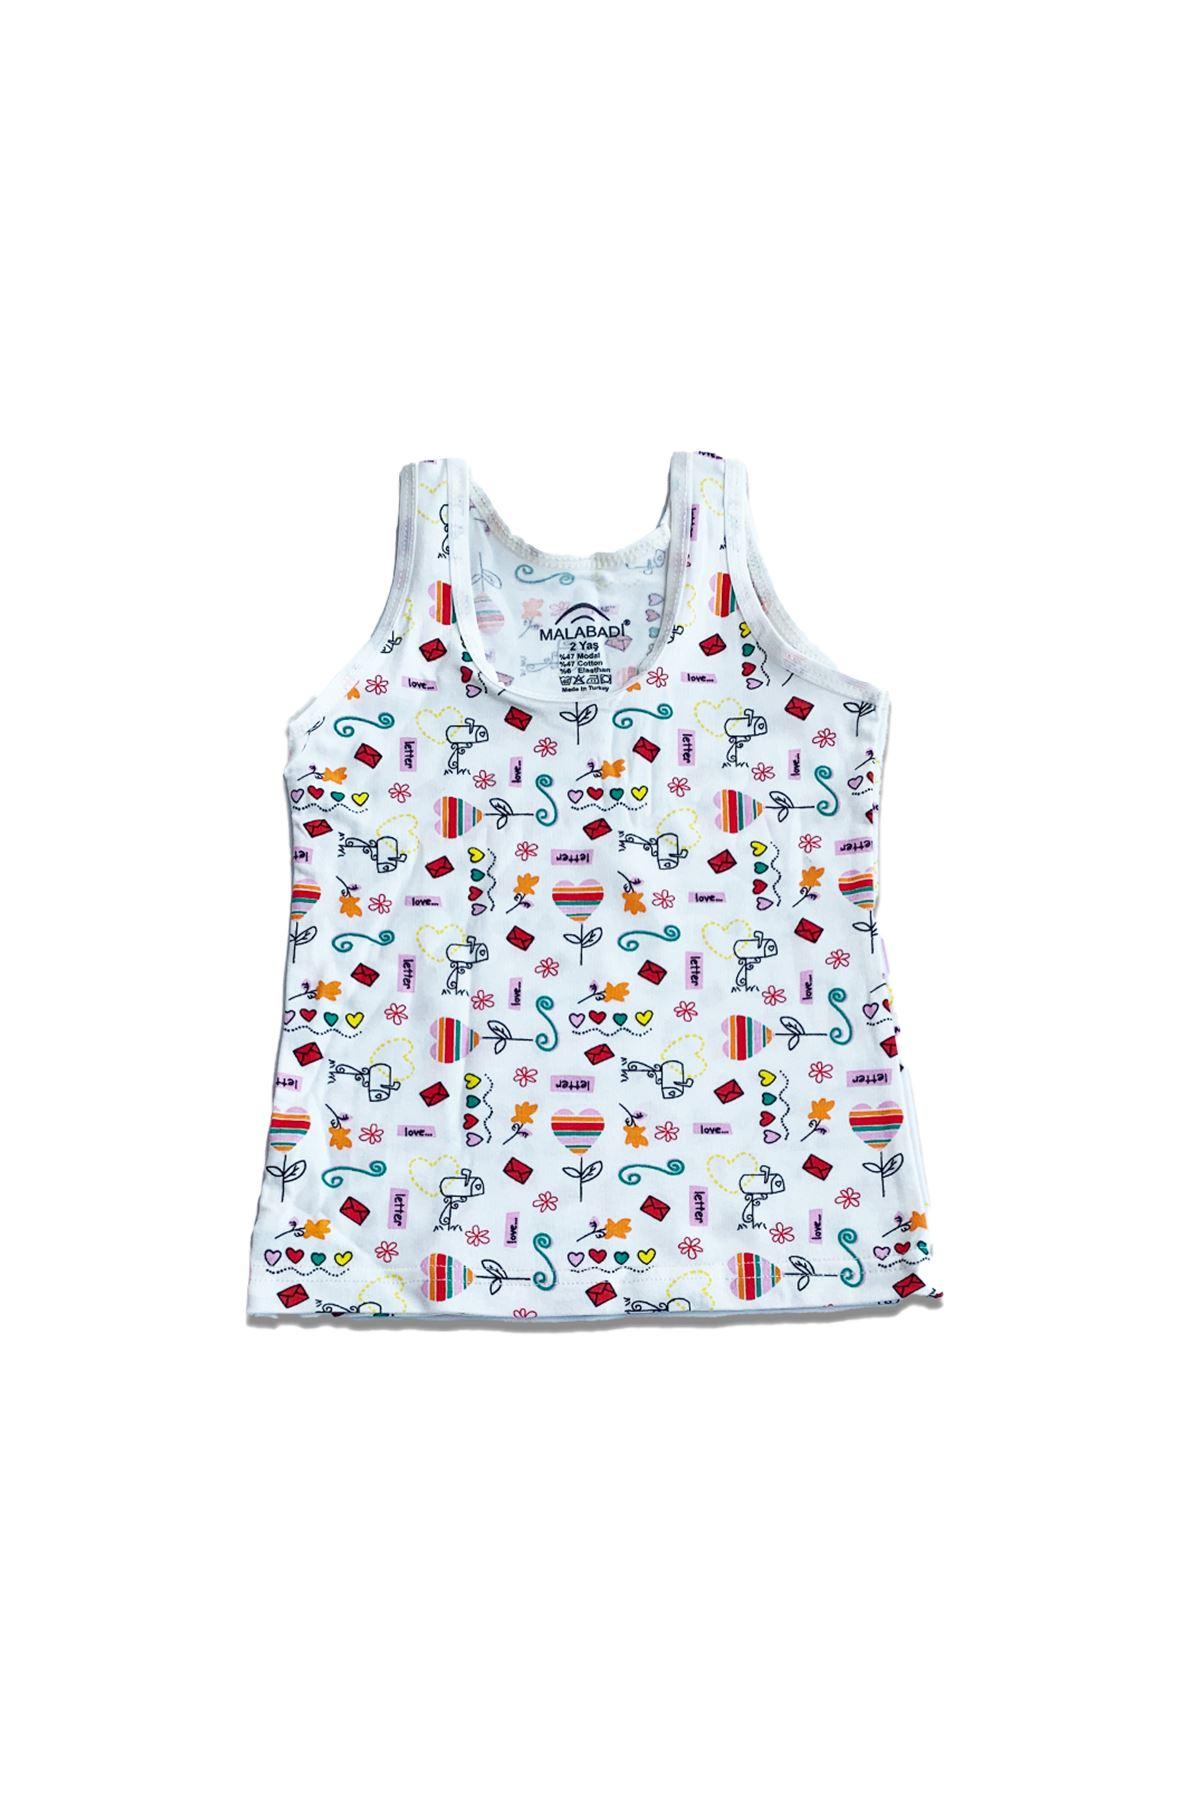 Çok Renkli Kız Çocuk Modal Geniş Askılı Atlet 6 Lı Paket 330-E6